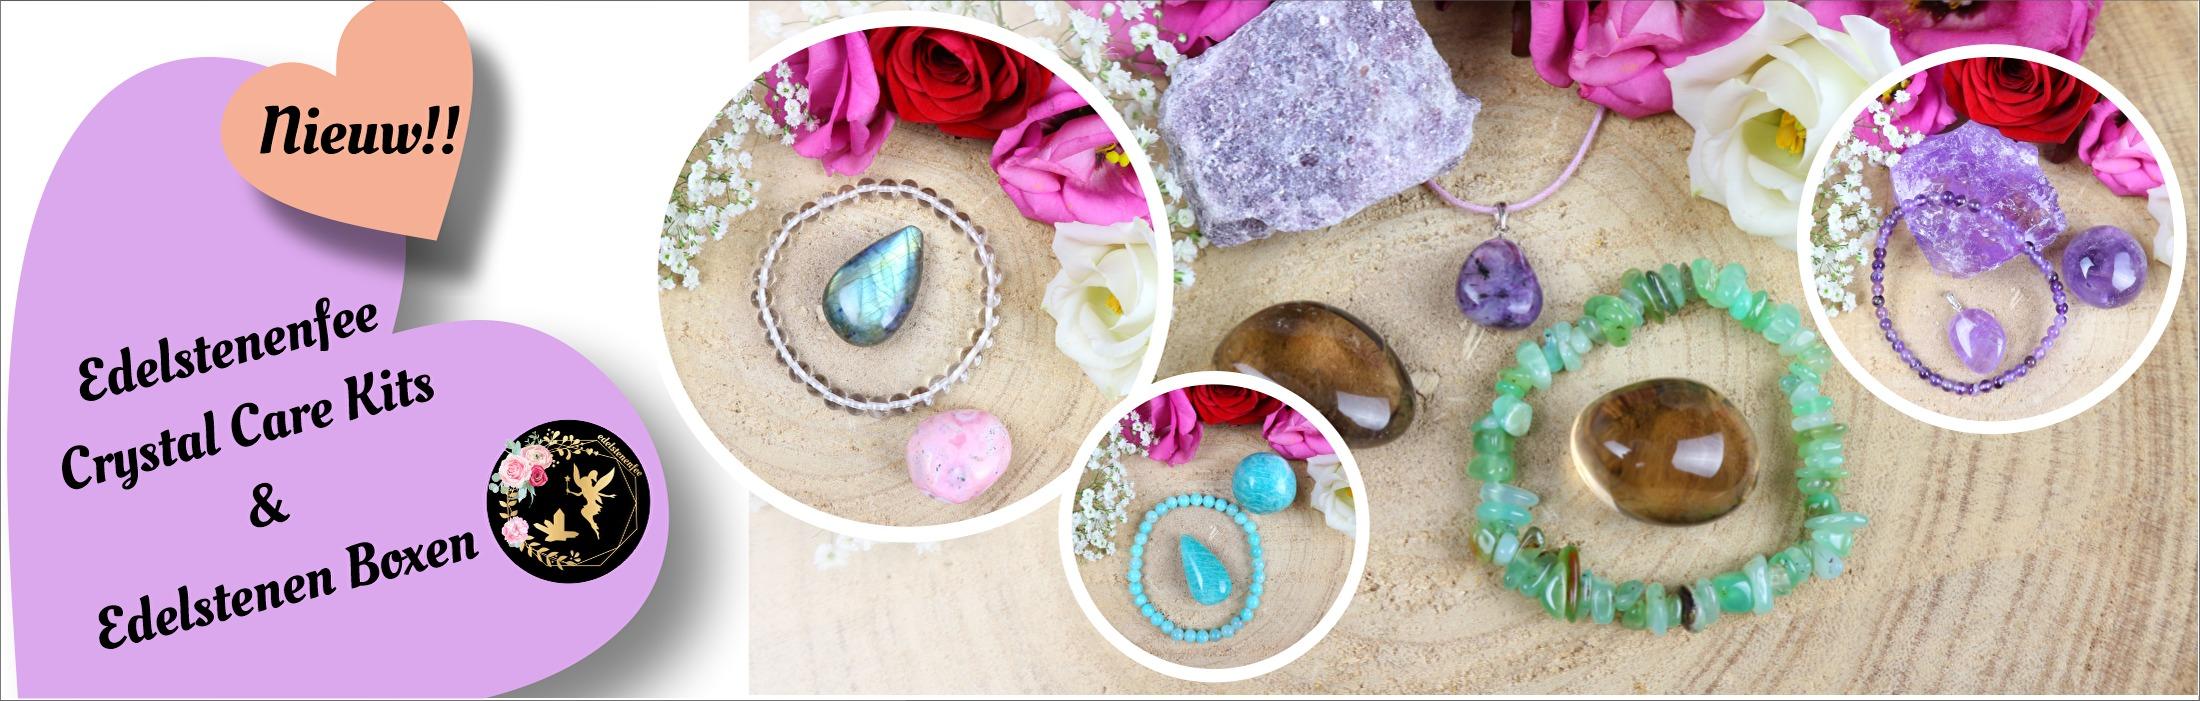 NIEUW!! Edelstenenfee Crystal Care Kits & Edelstenen Boxen!